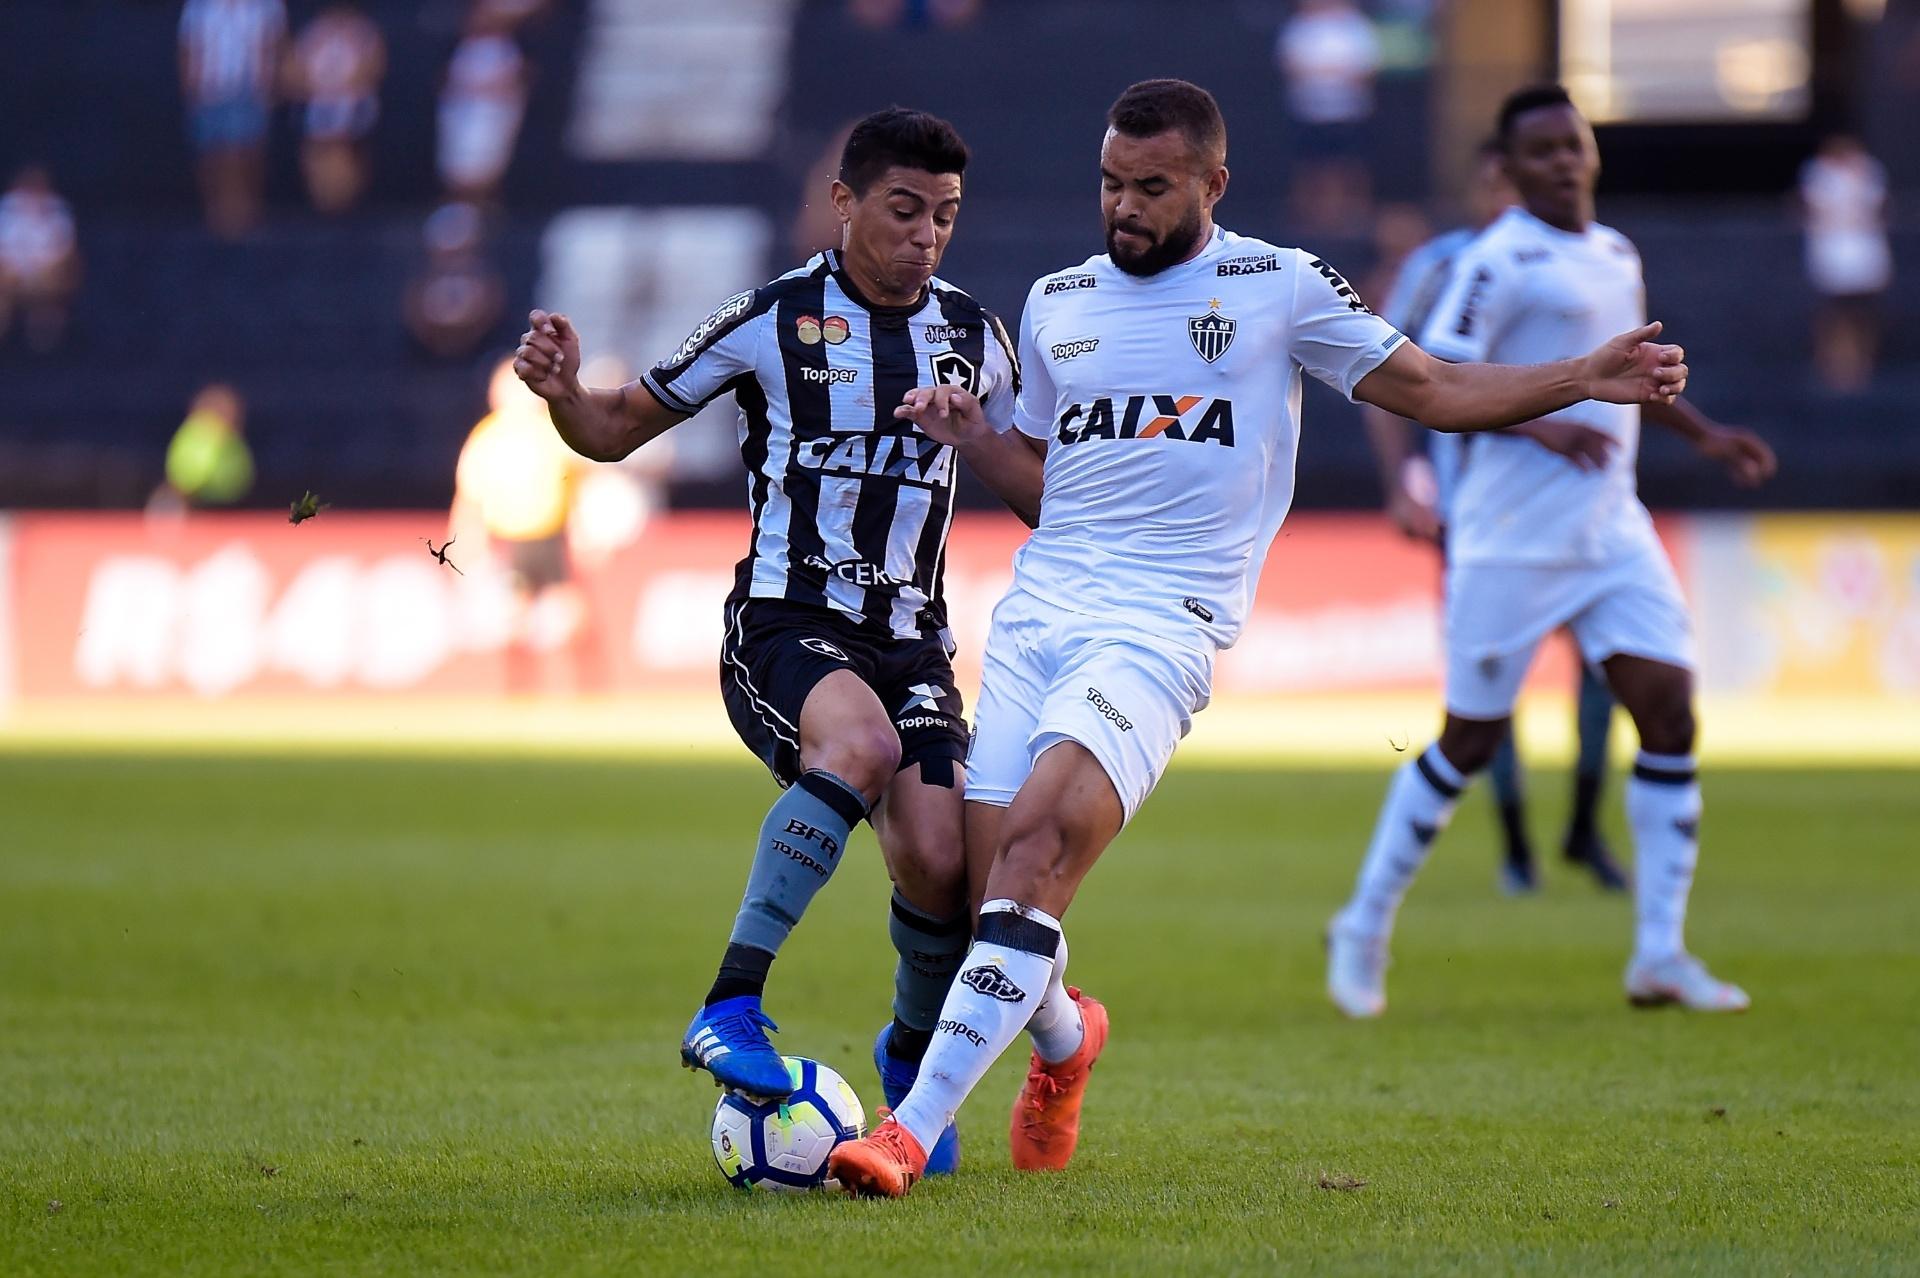 e0875451d4803 Atlético-MG vence Botafogo por 3 a 0 no Rio e se aproxima do G-4 -  19 08 2018 - UOL Esporte